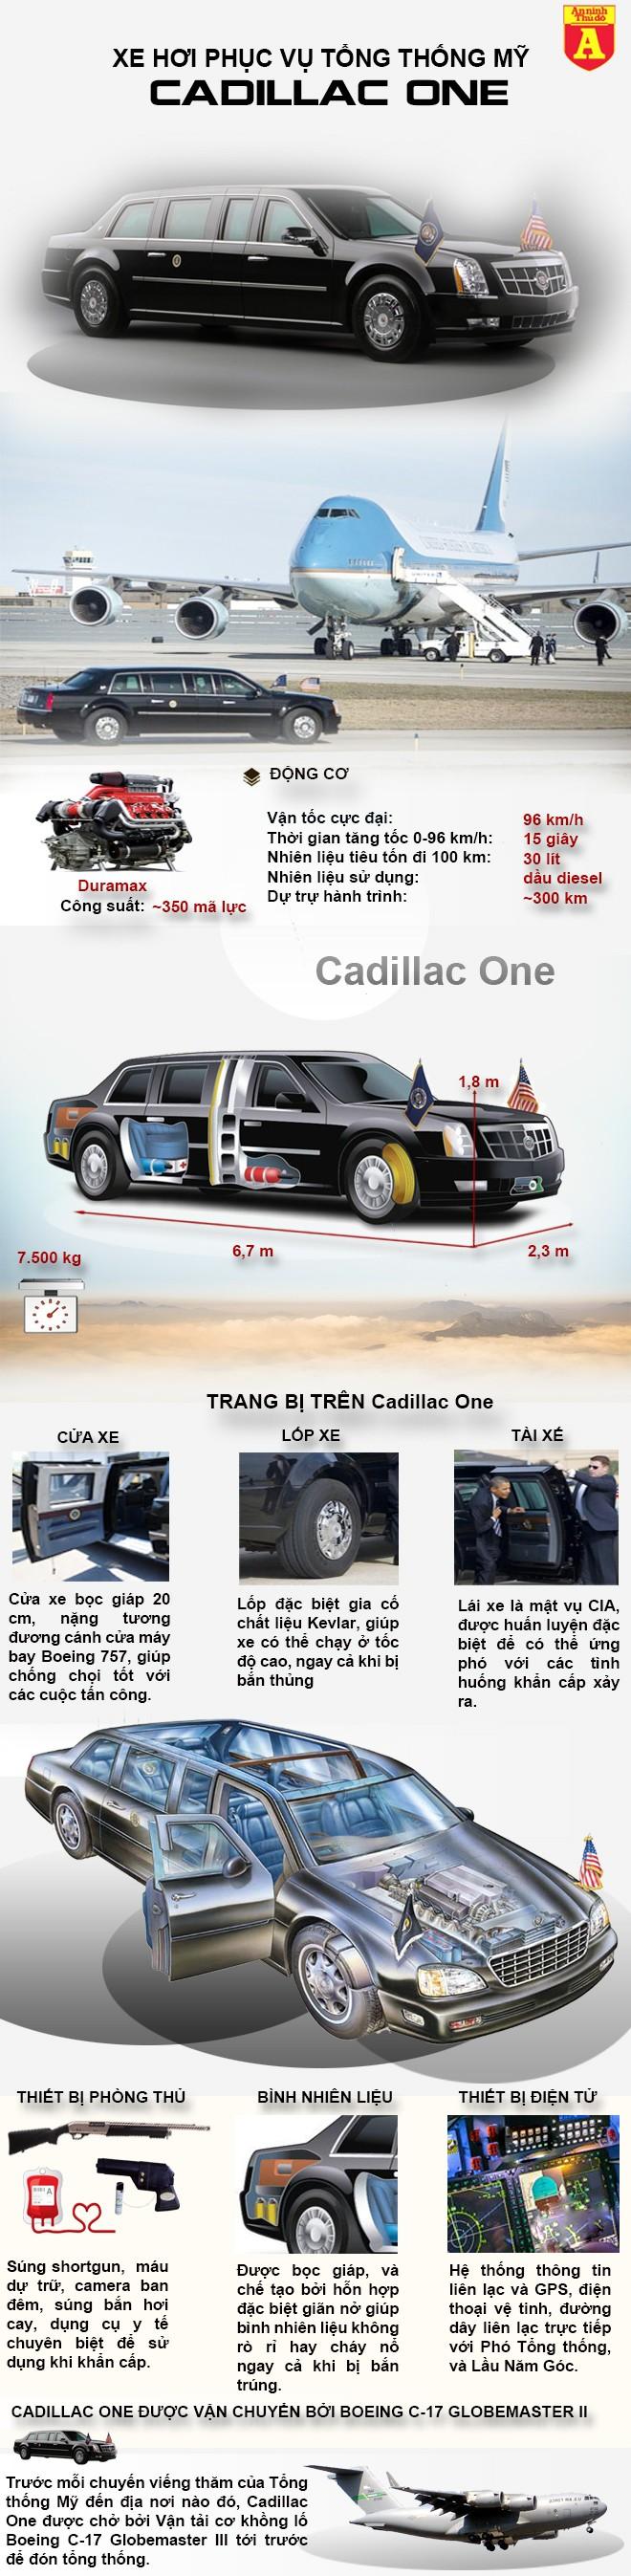 [Infographic] Cadillac One – Xe tăng mặt đất của Tổng thống Mỹ Donal Trump ảnh 2